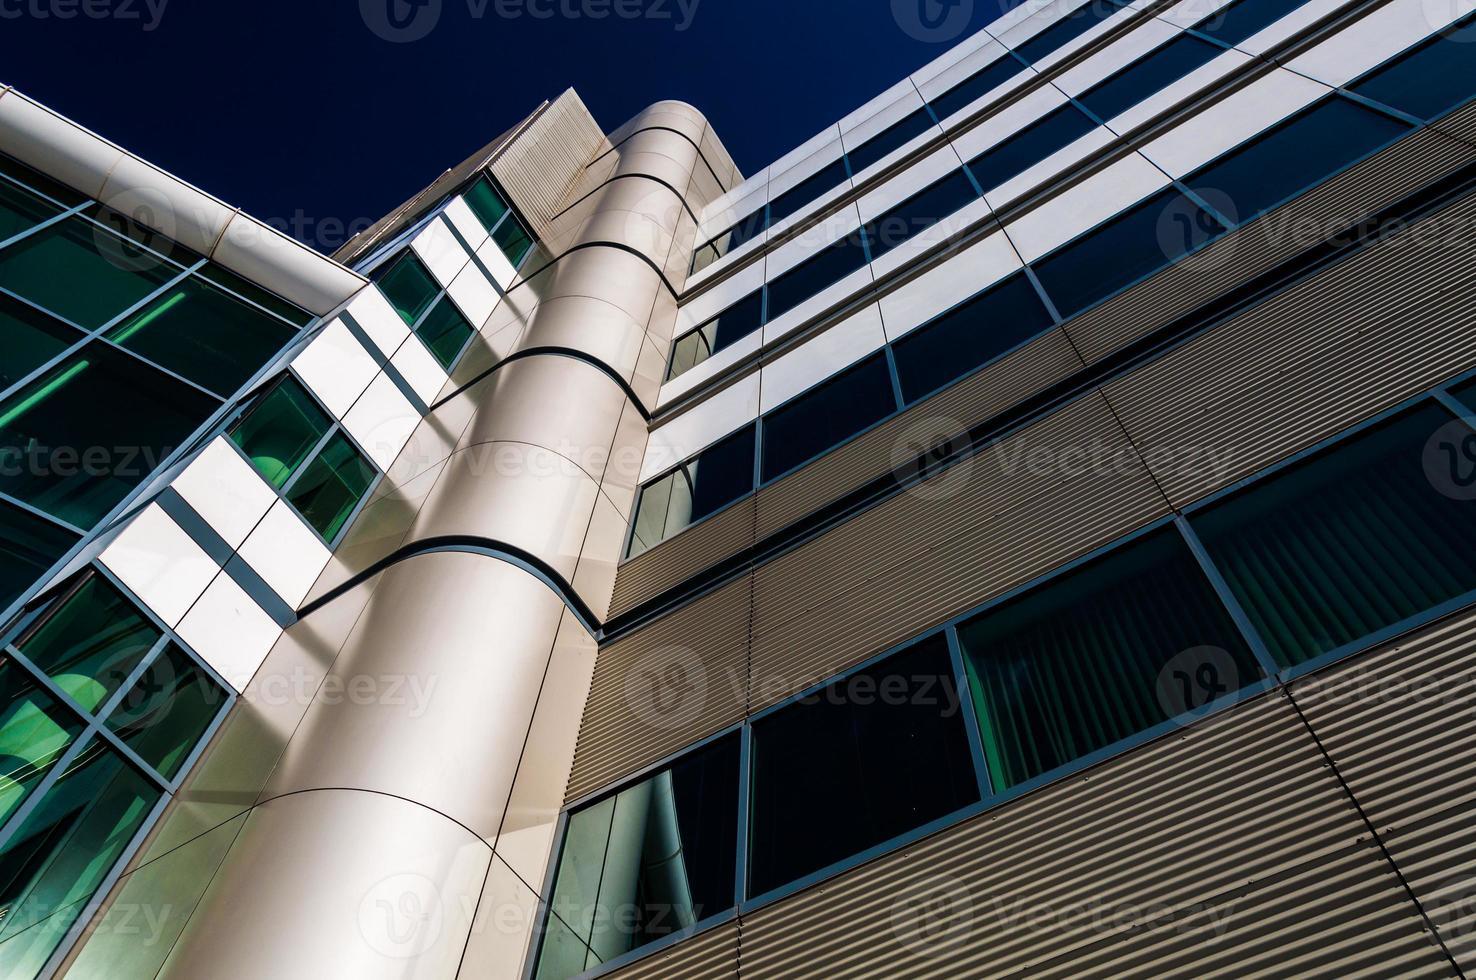 moderne architektur im inneren hafen von baltimore, maryland. foto